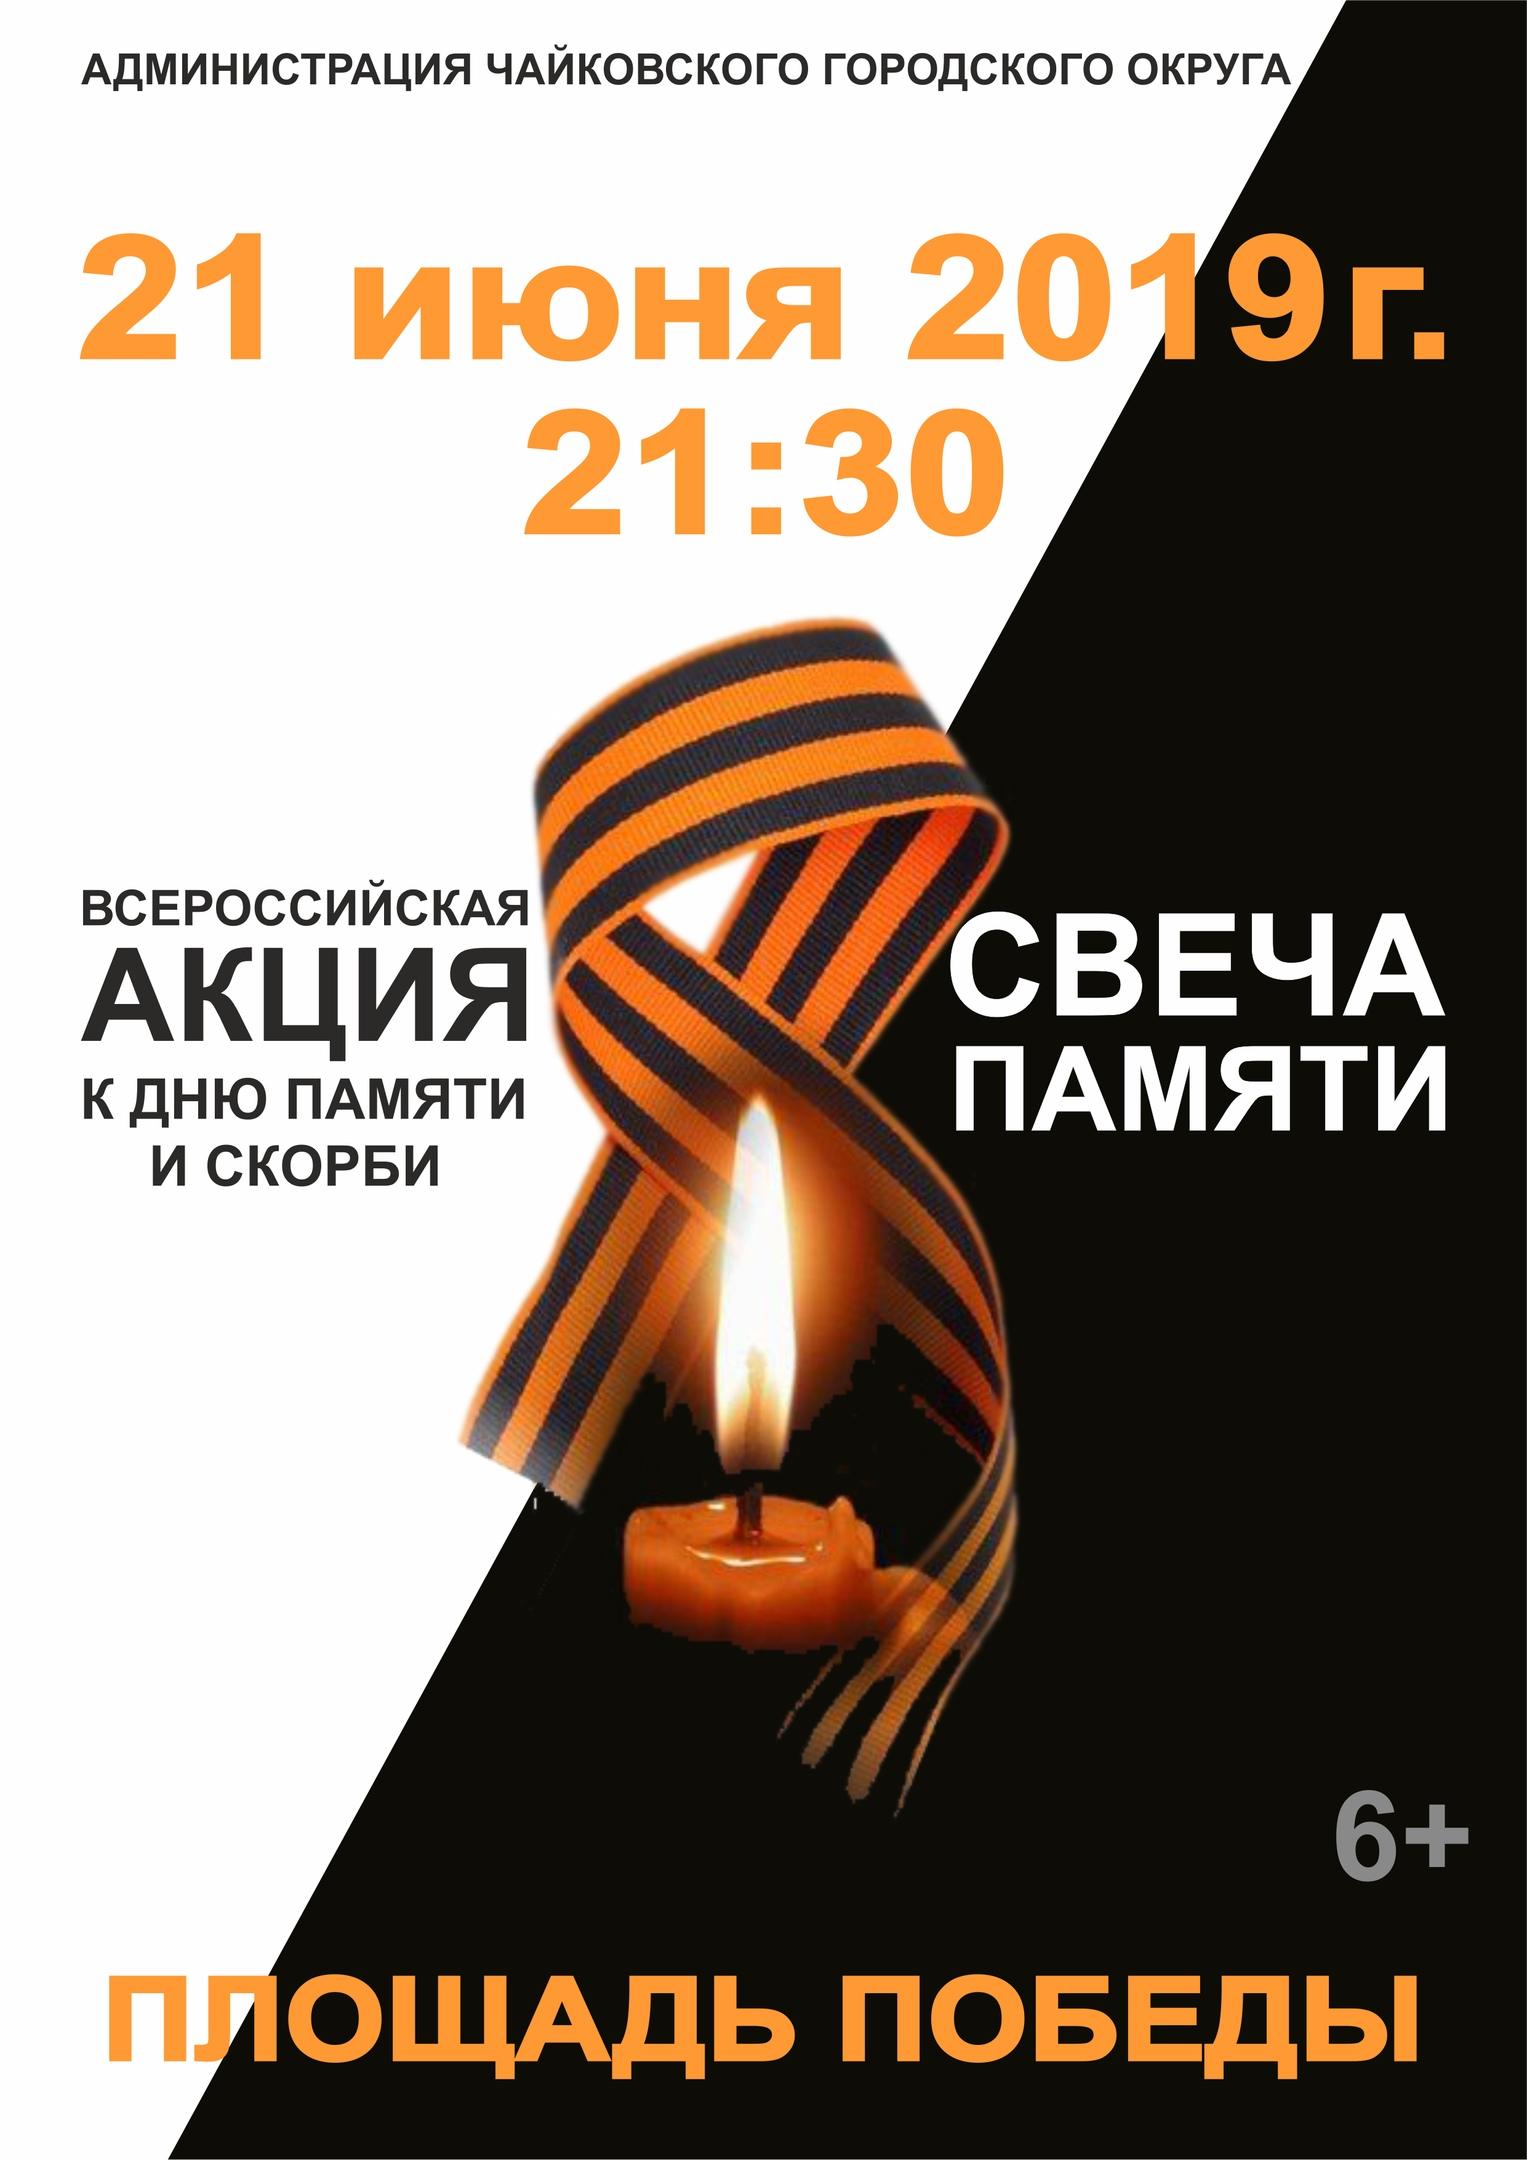 афиша, свеча памяти, чайковский район, 2019 год